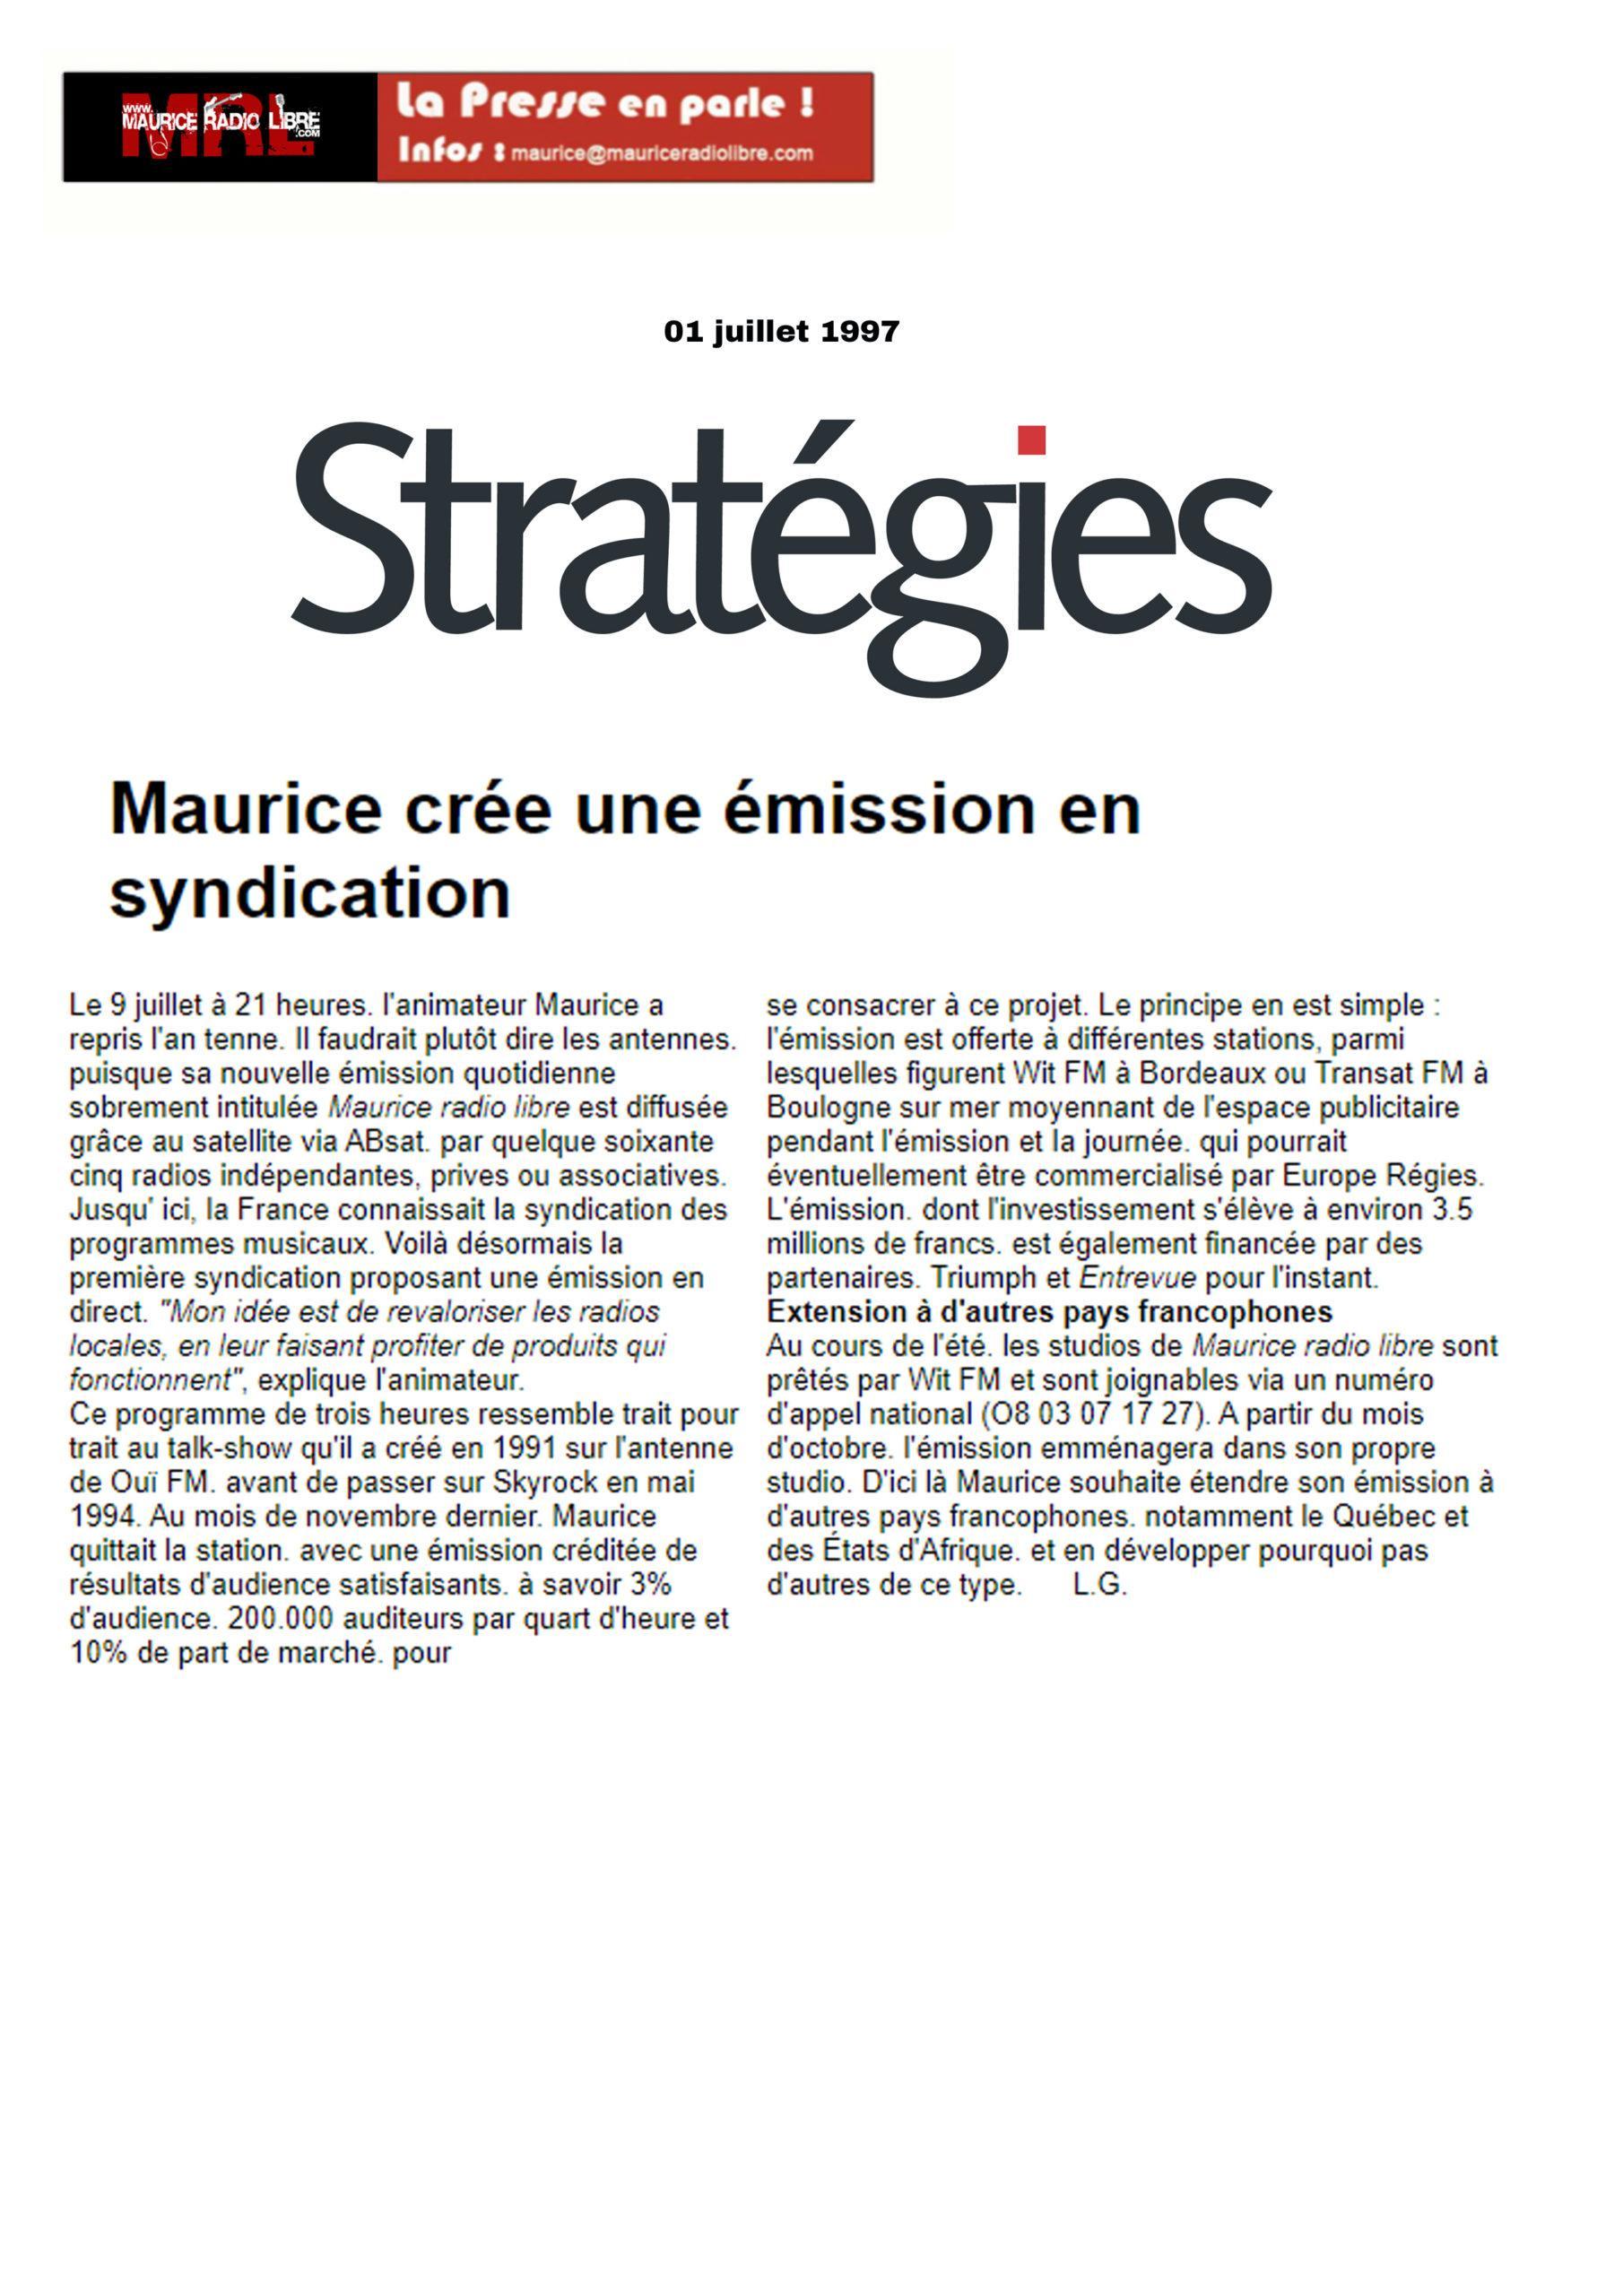 vignette Strategies Maurice crée une émission en syndication - 01/07/1997